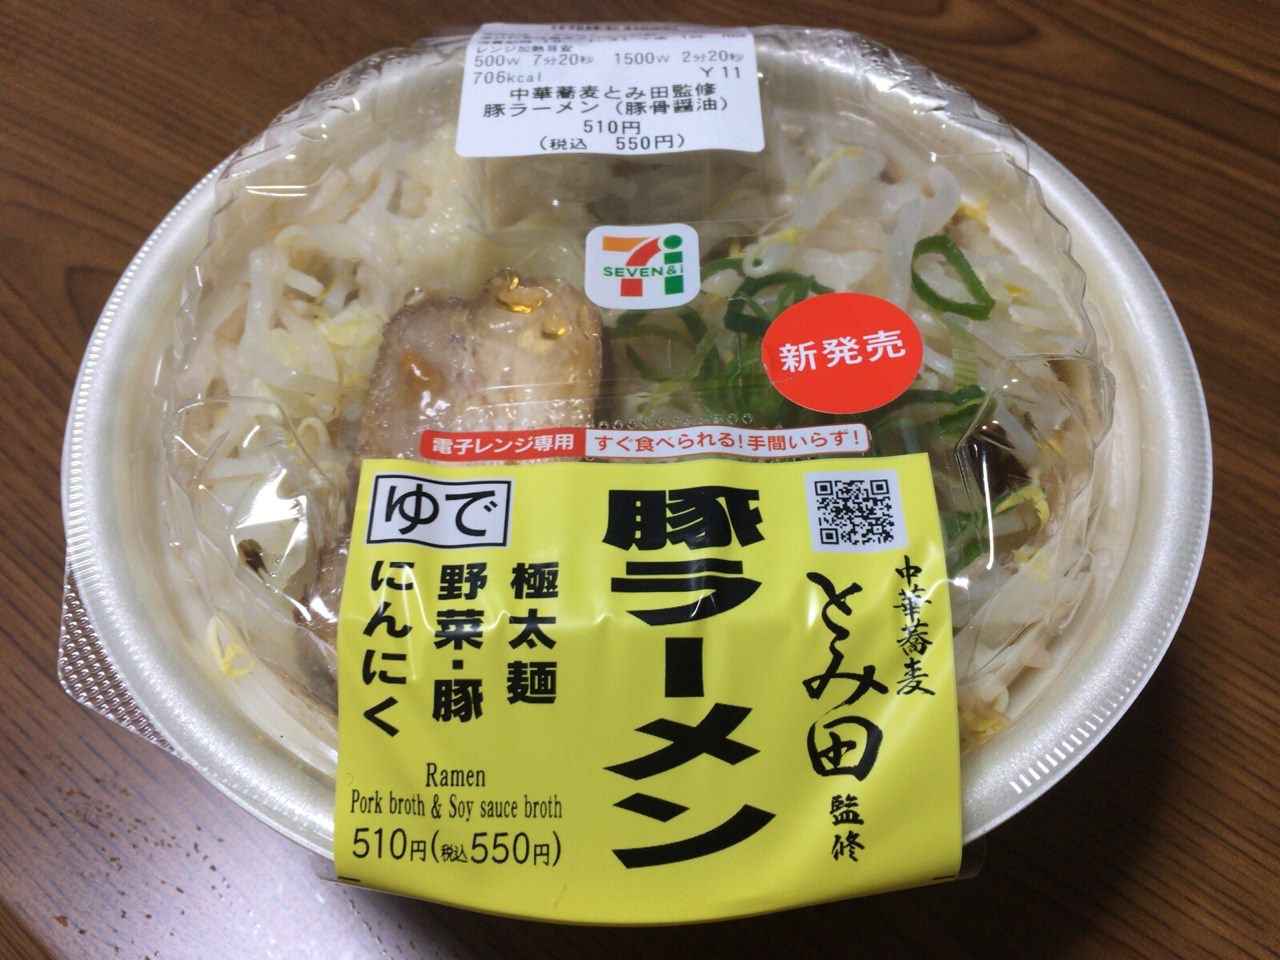 セブンイレブン 中華蕎麦 とみ田 1